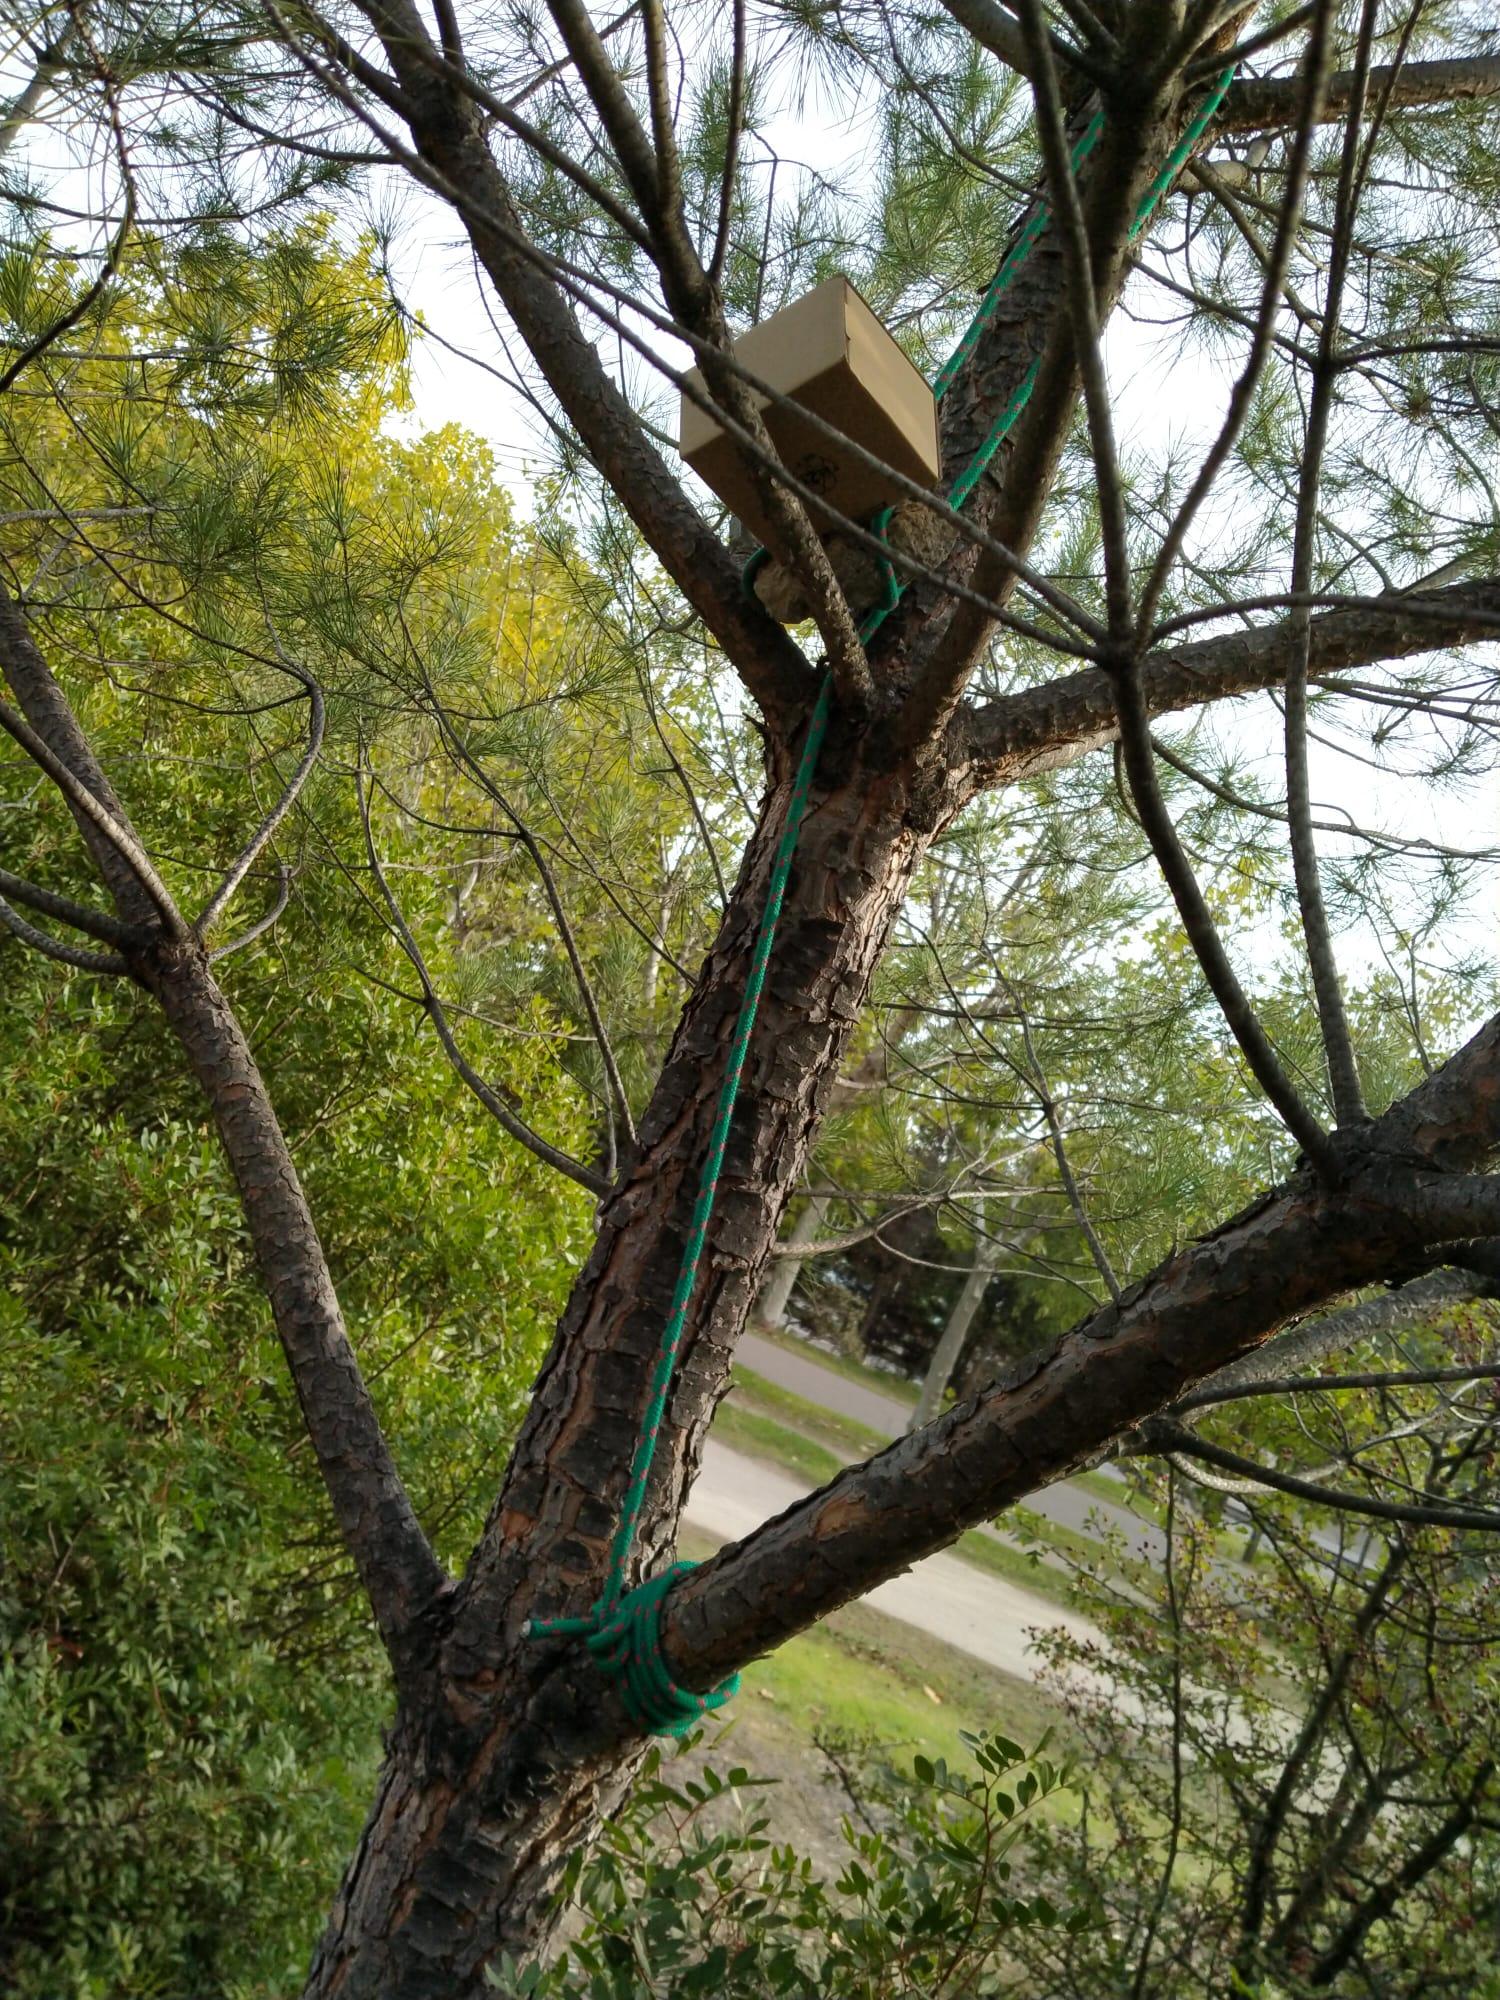 caja en el árbol con código morse en el interior